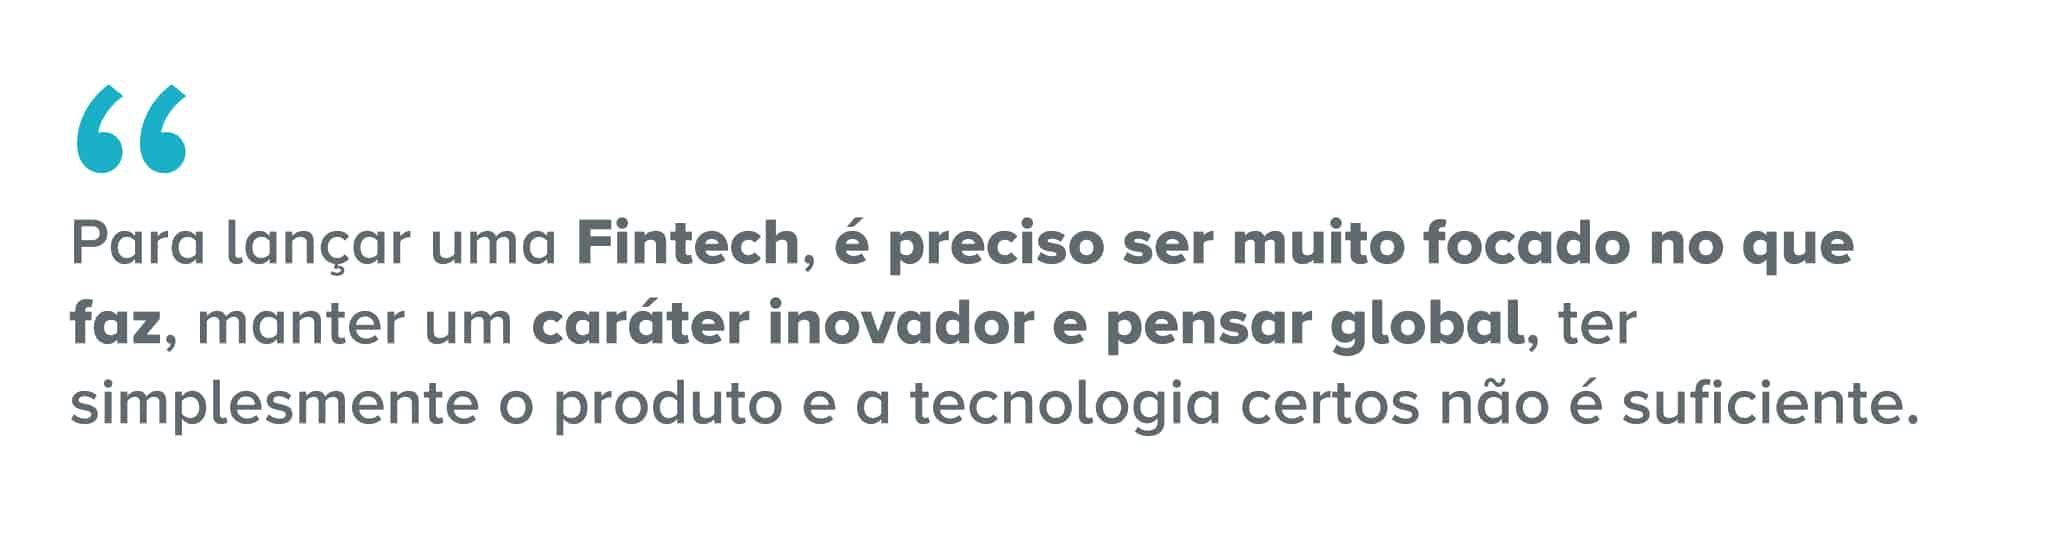 Citação: Para lançar uma fintech, é preciso ser muito focado no que faz, manter um caráter inovador e pensar global, ter simplesmente o produto e a tecnologia certos não é suficiente.